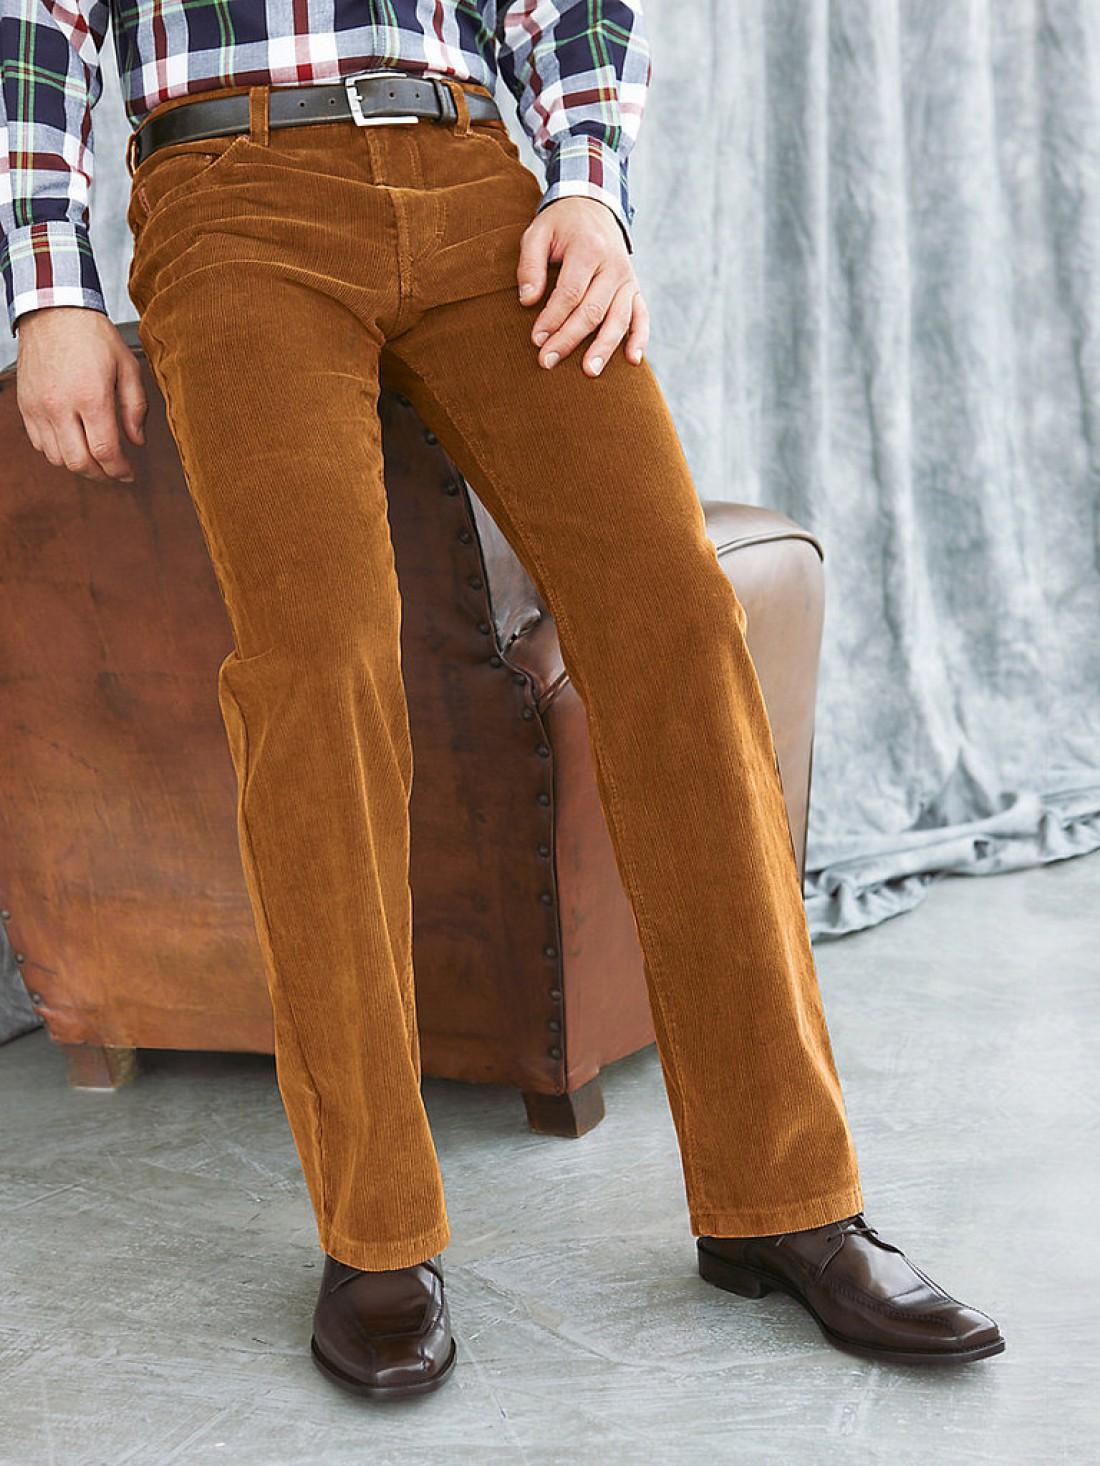 Вельветовые брюки. В них будешь похож на ковбоя. Зато не замерзнешь